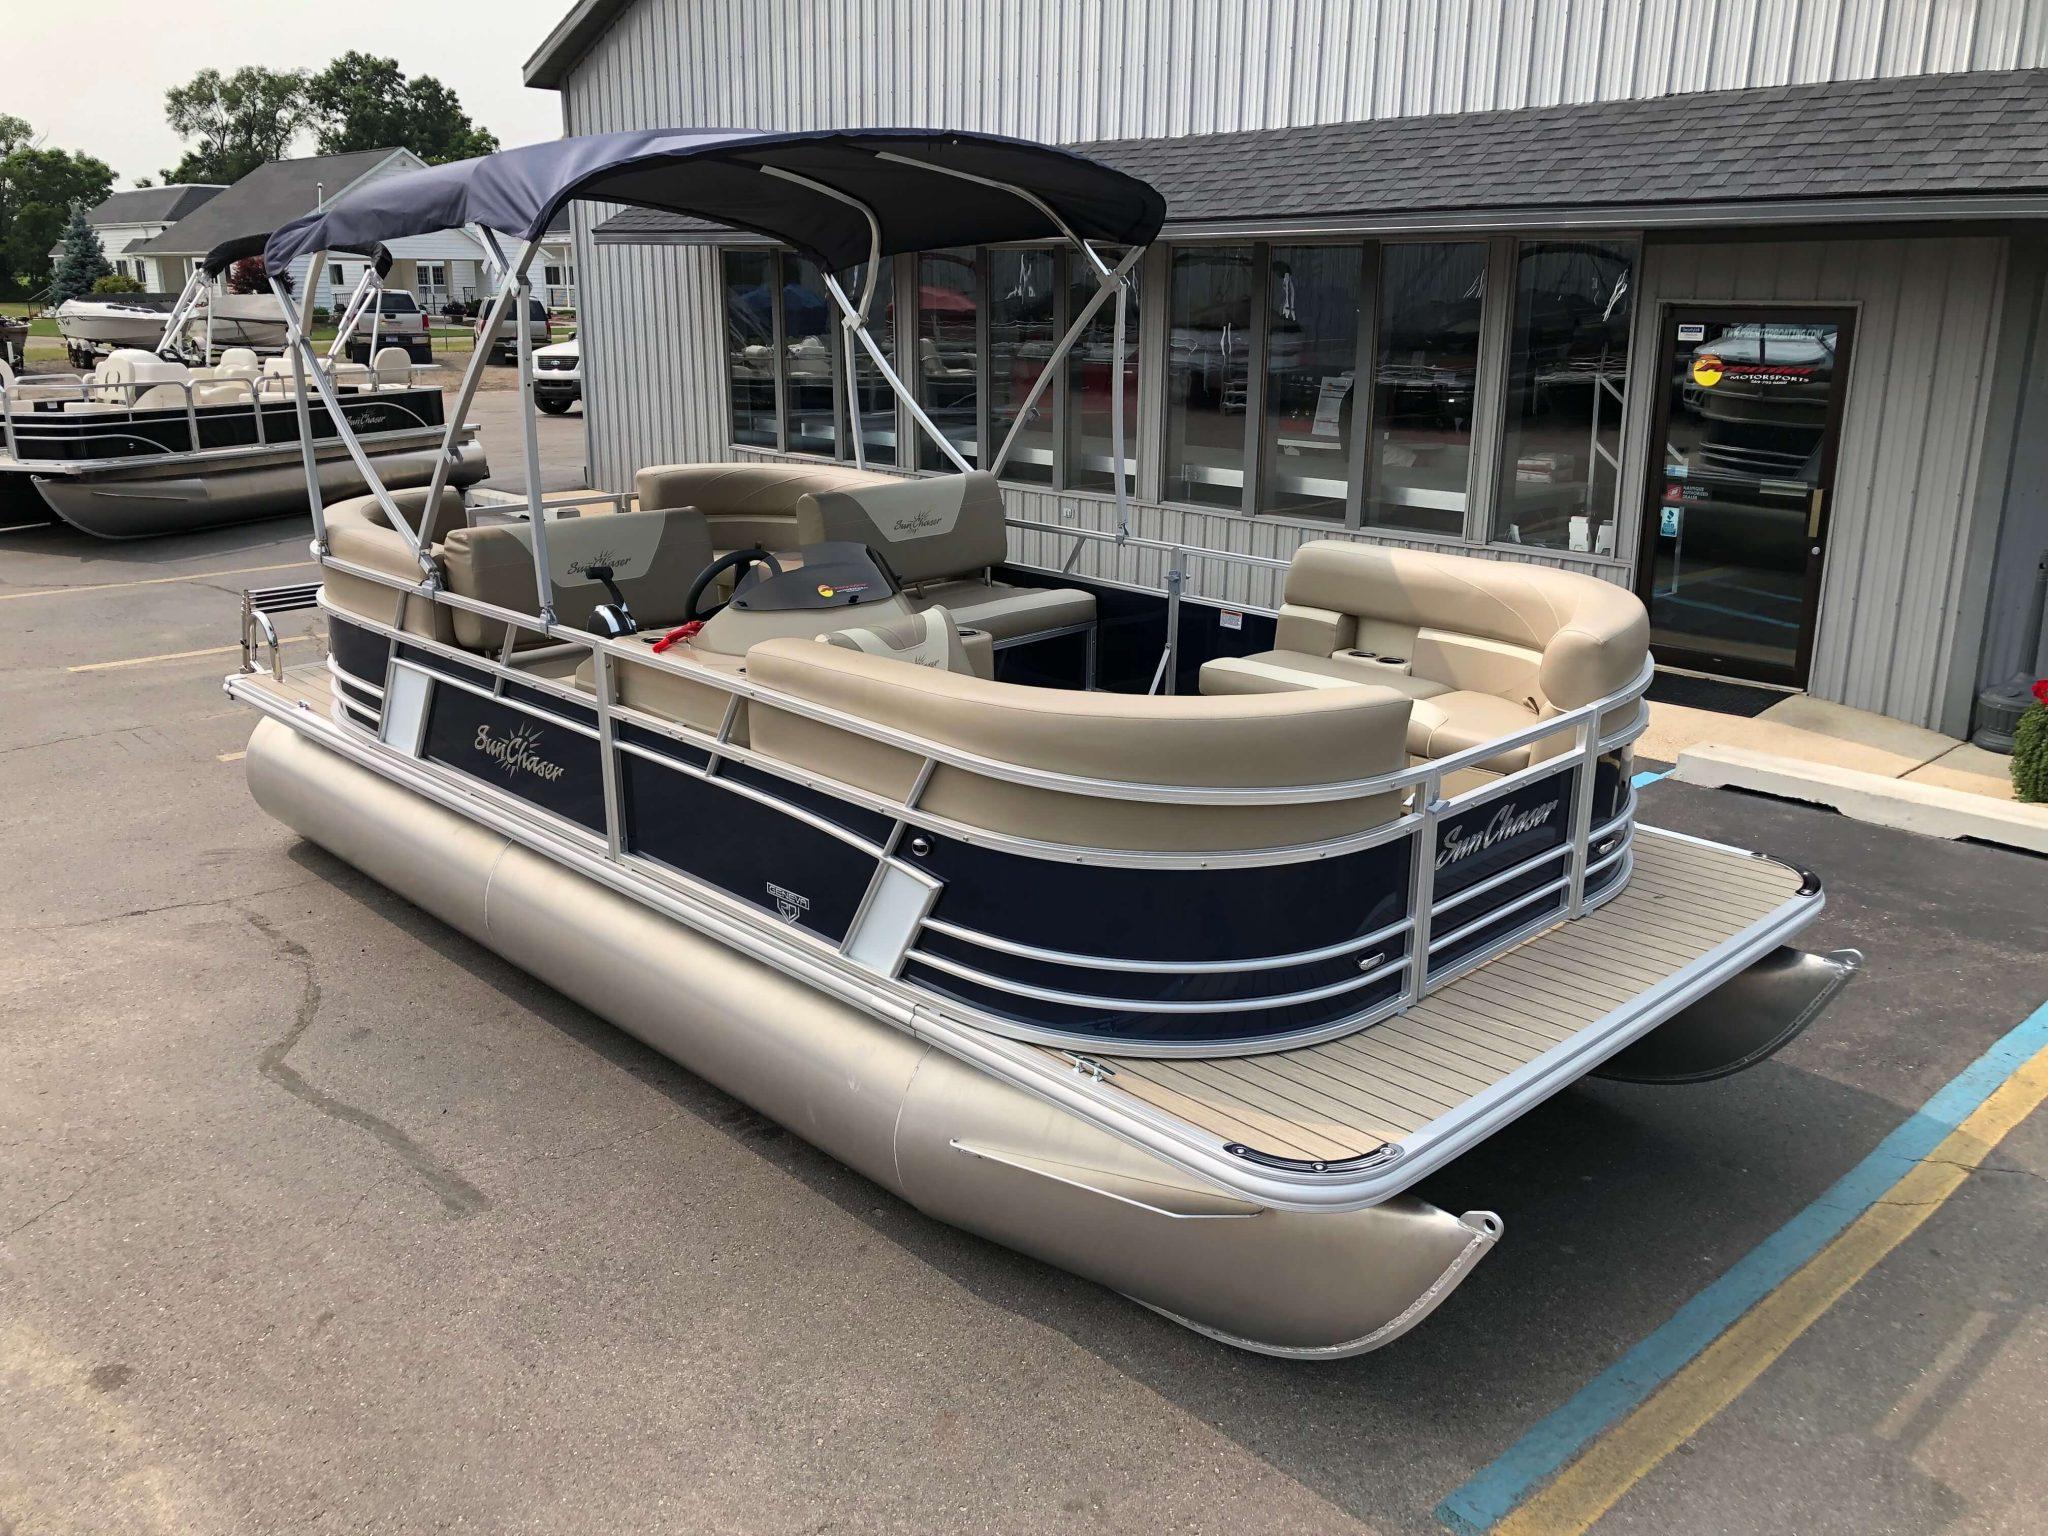 2019 Sunchaser Geneva 20 LR SB Blue White Exterior 2